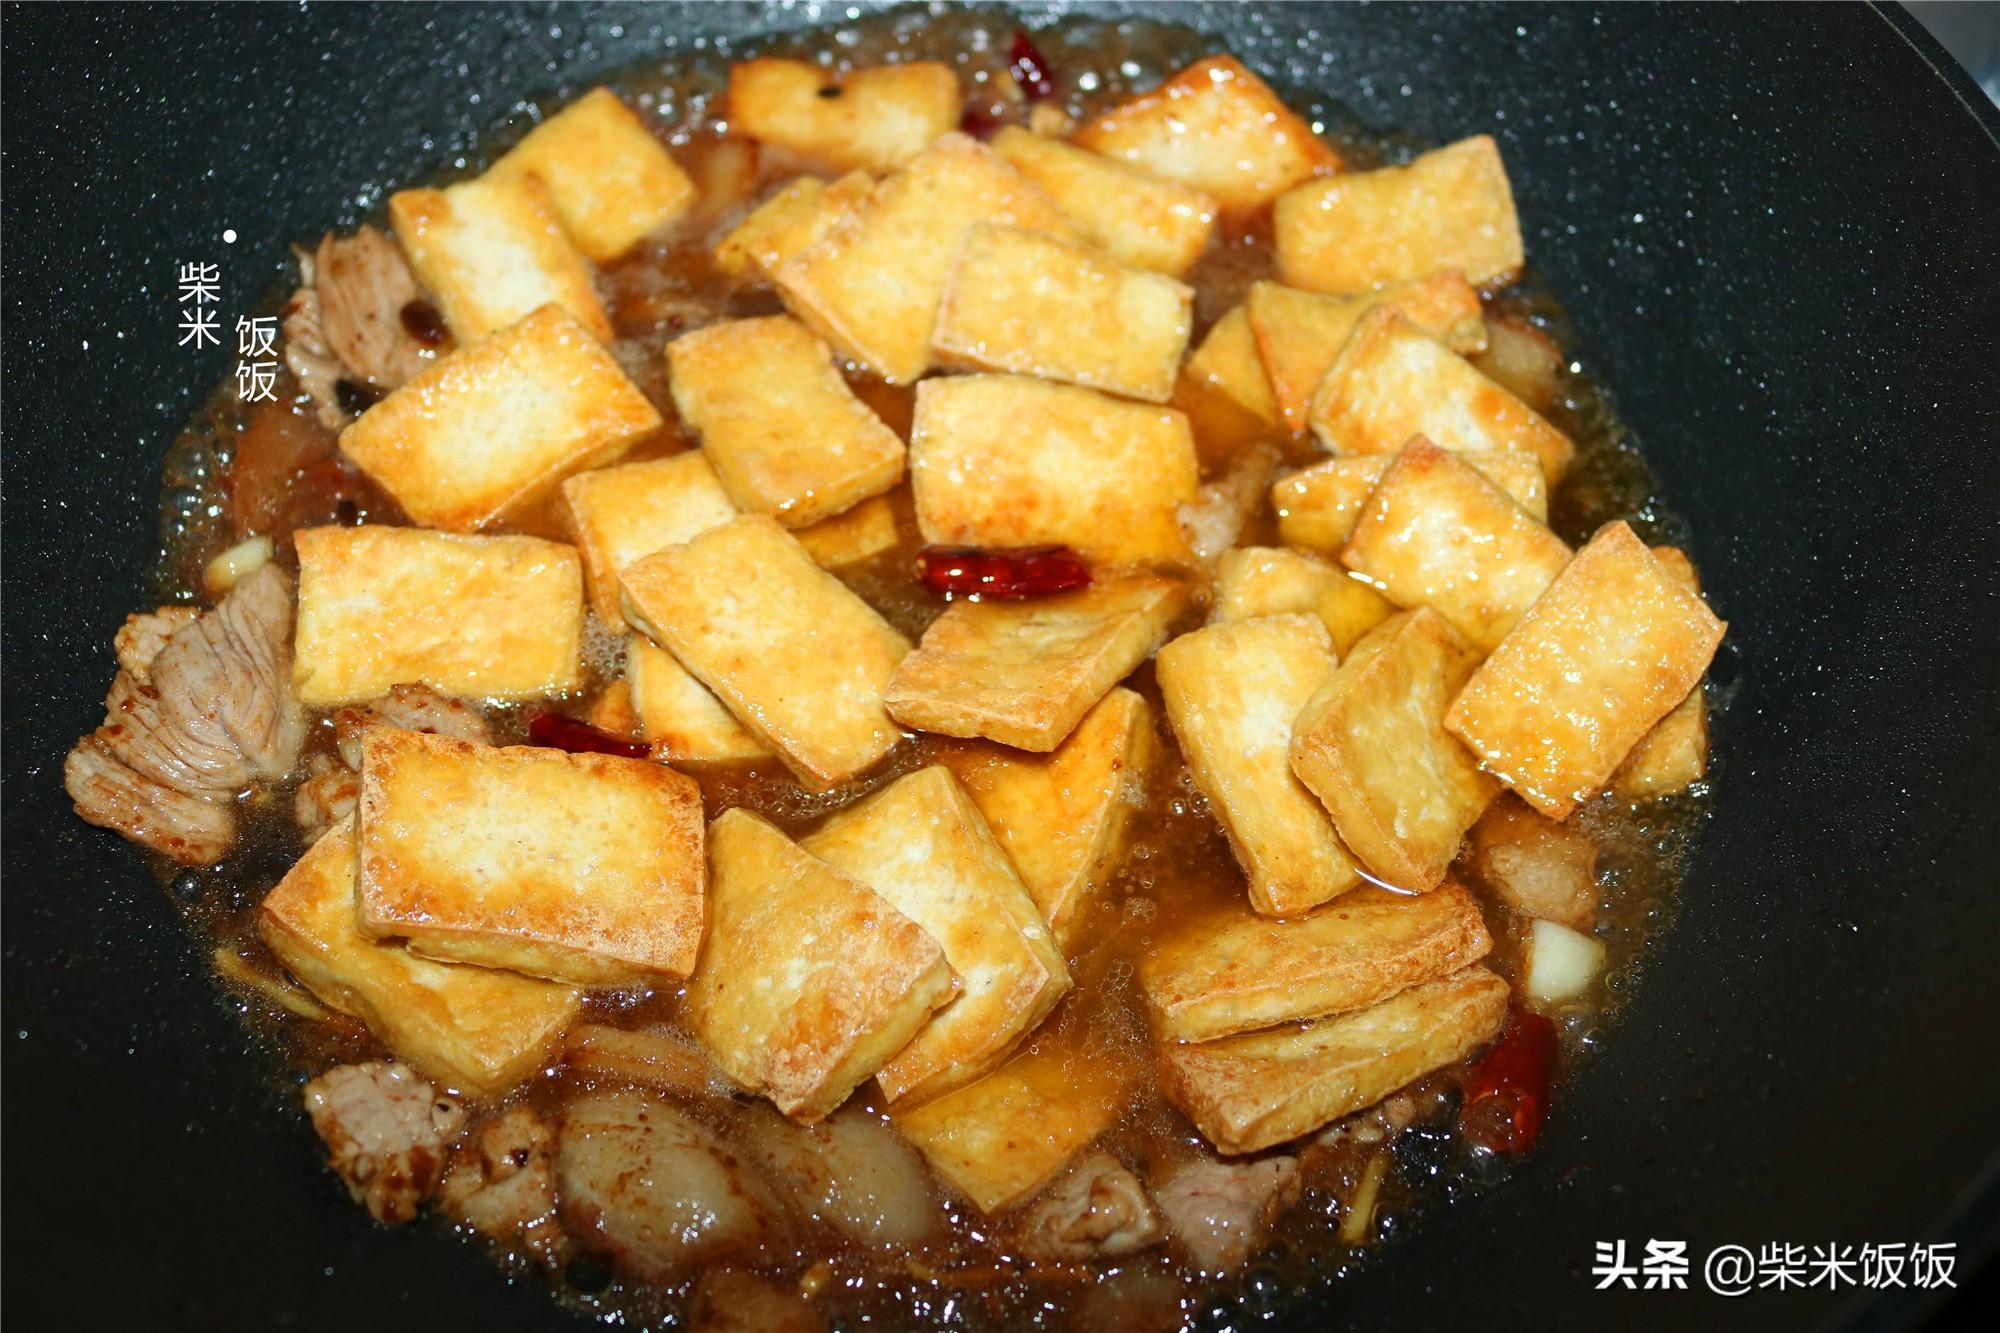 豆腐这样做太好吃了,入味又多汁 美食做法 第6张